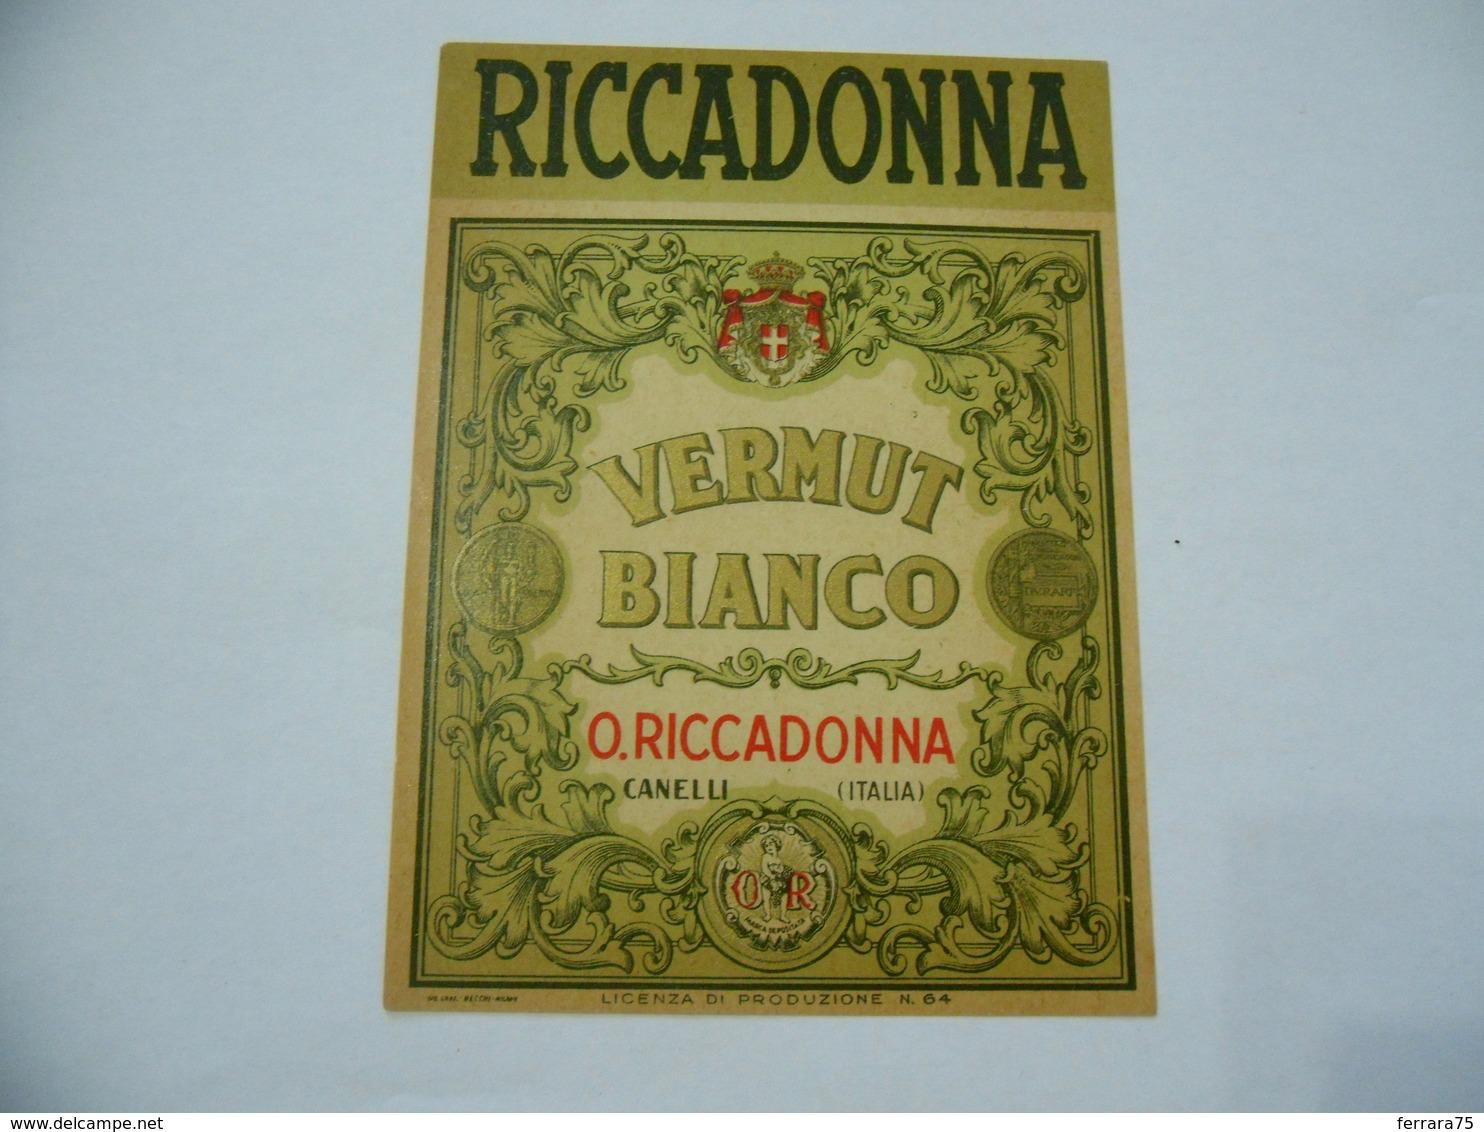 ETICHETTA PUBBLICITARIA RICCADONNA VERMUTH BIANCO CANELLI. - Alcolici